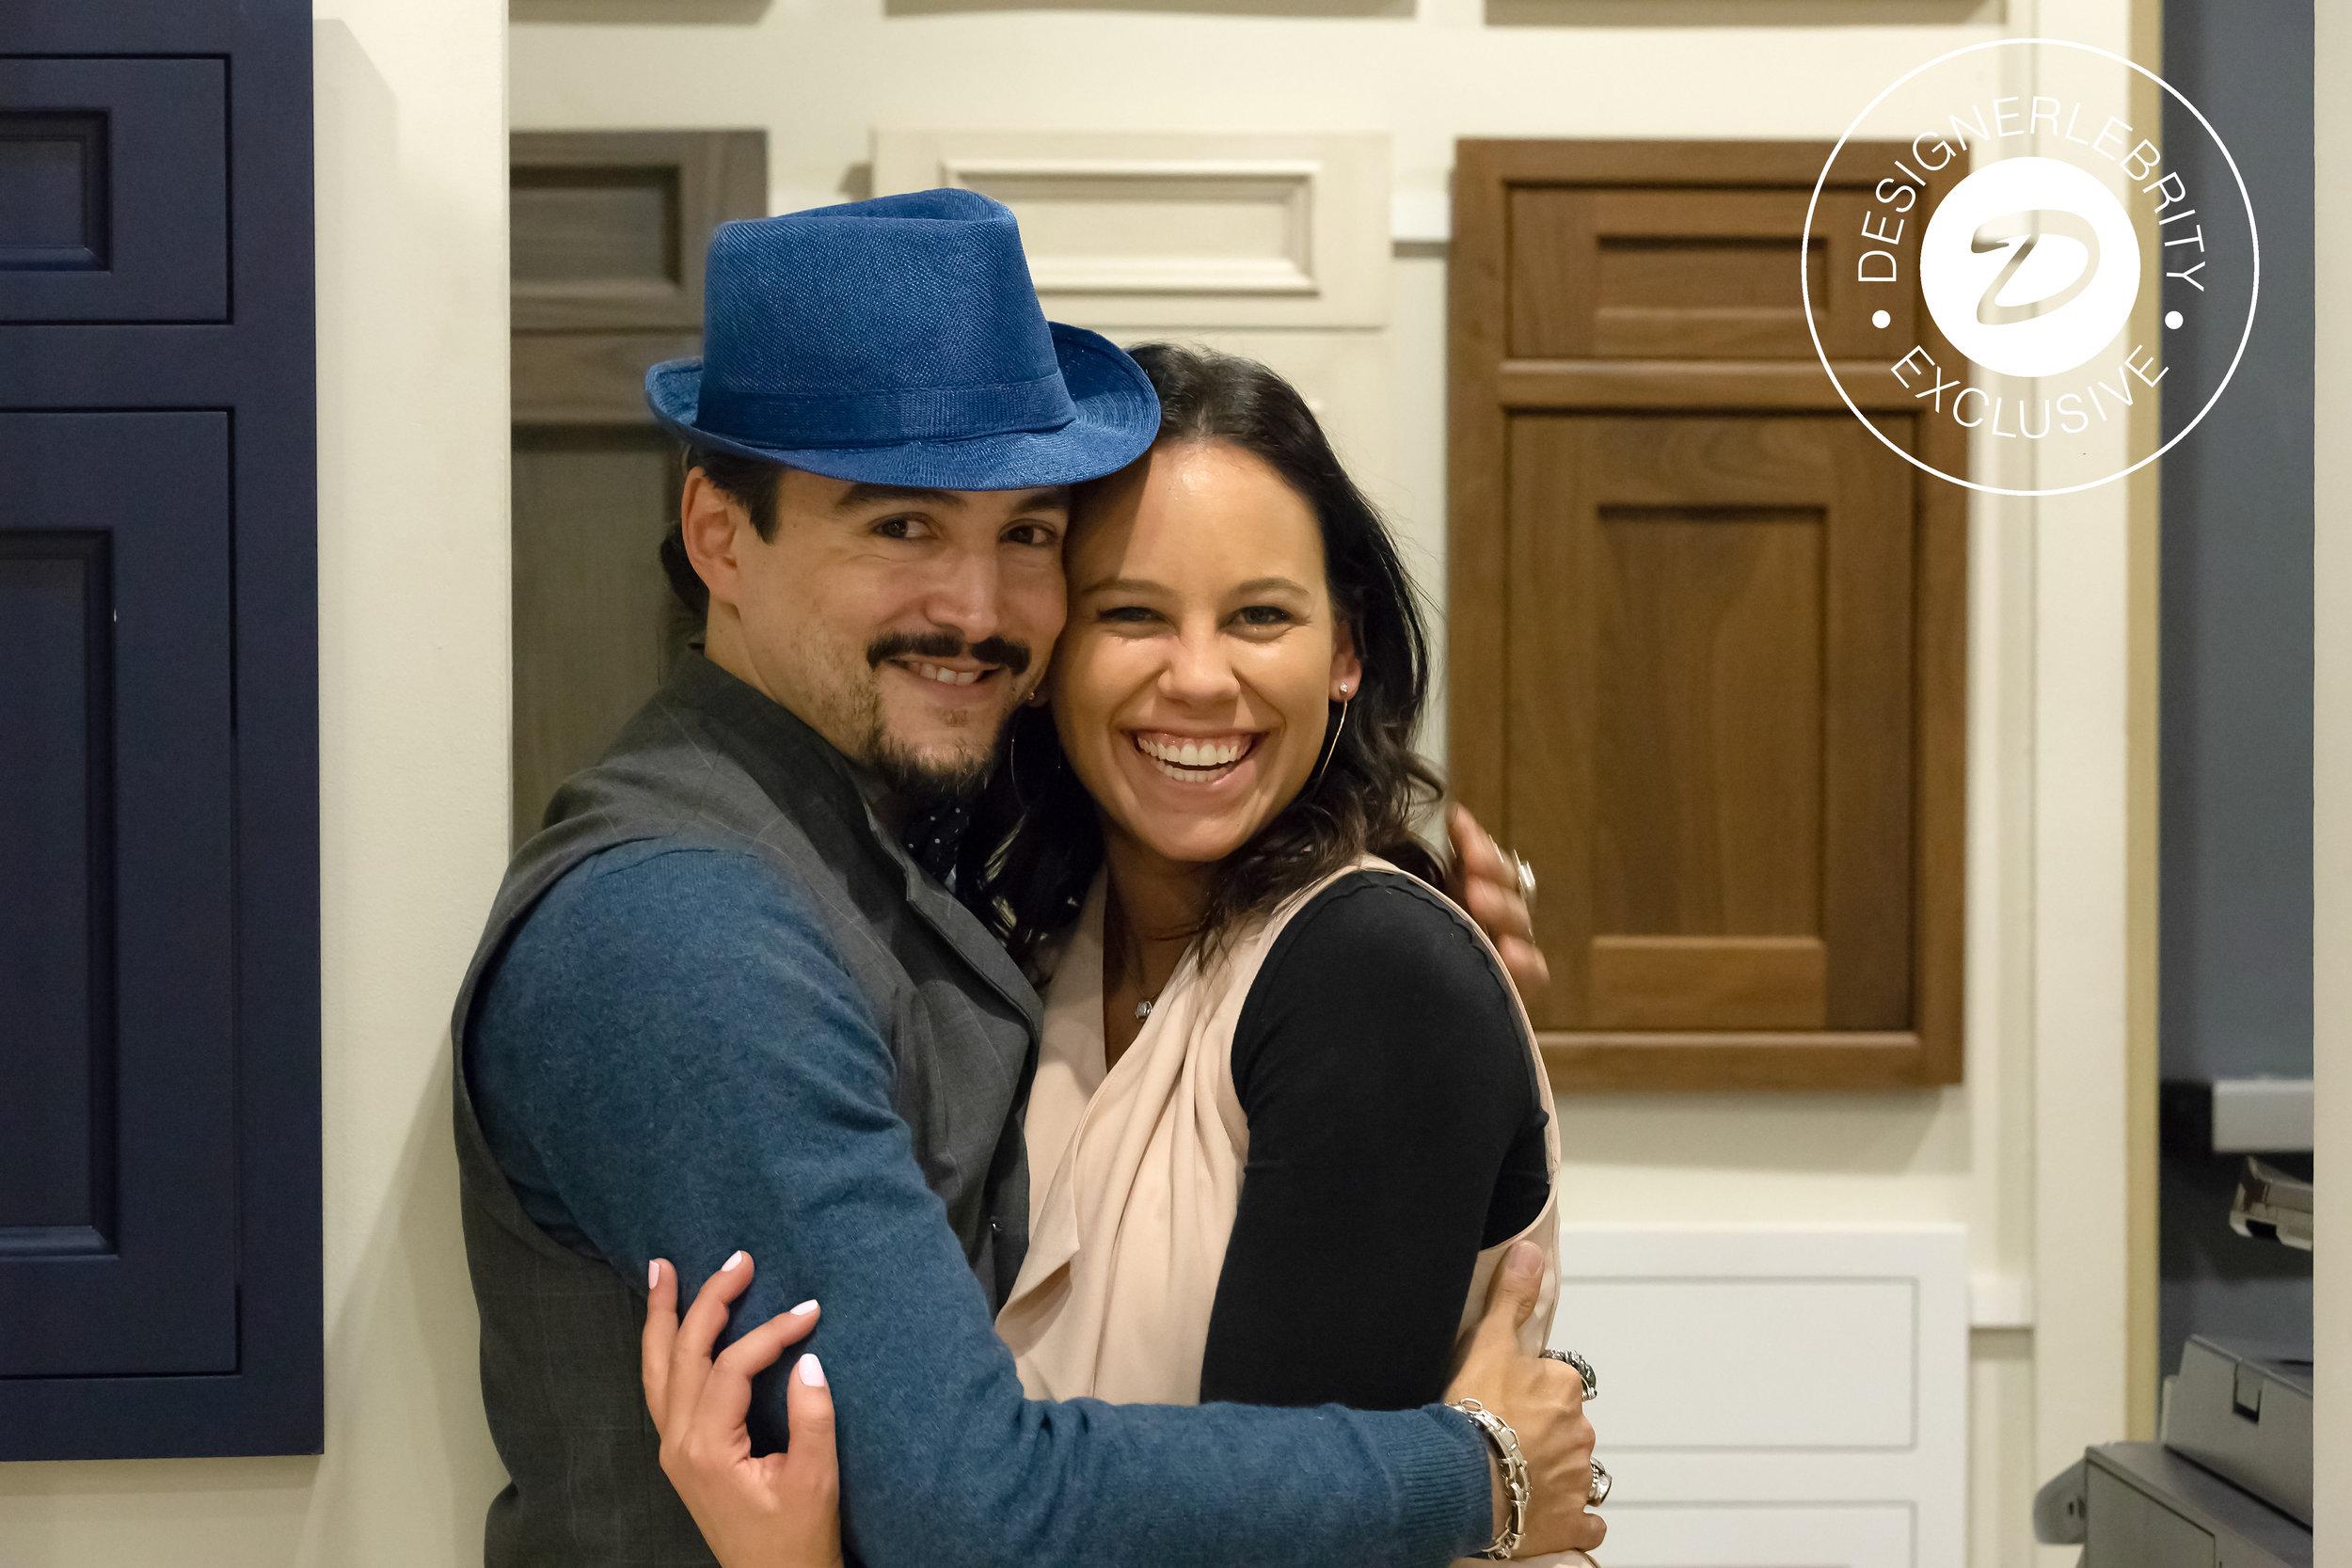 David with Showcase Kitchen's Alicia Friscia